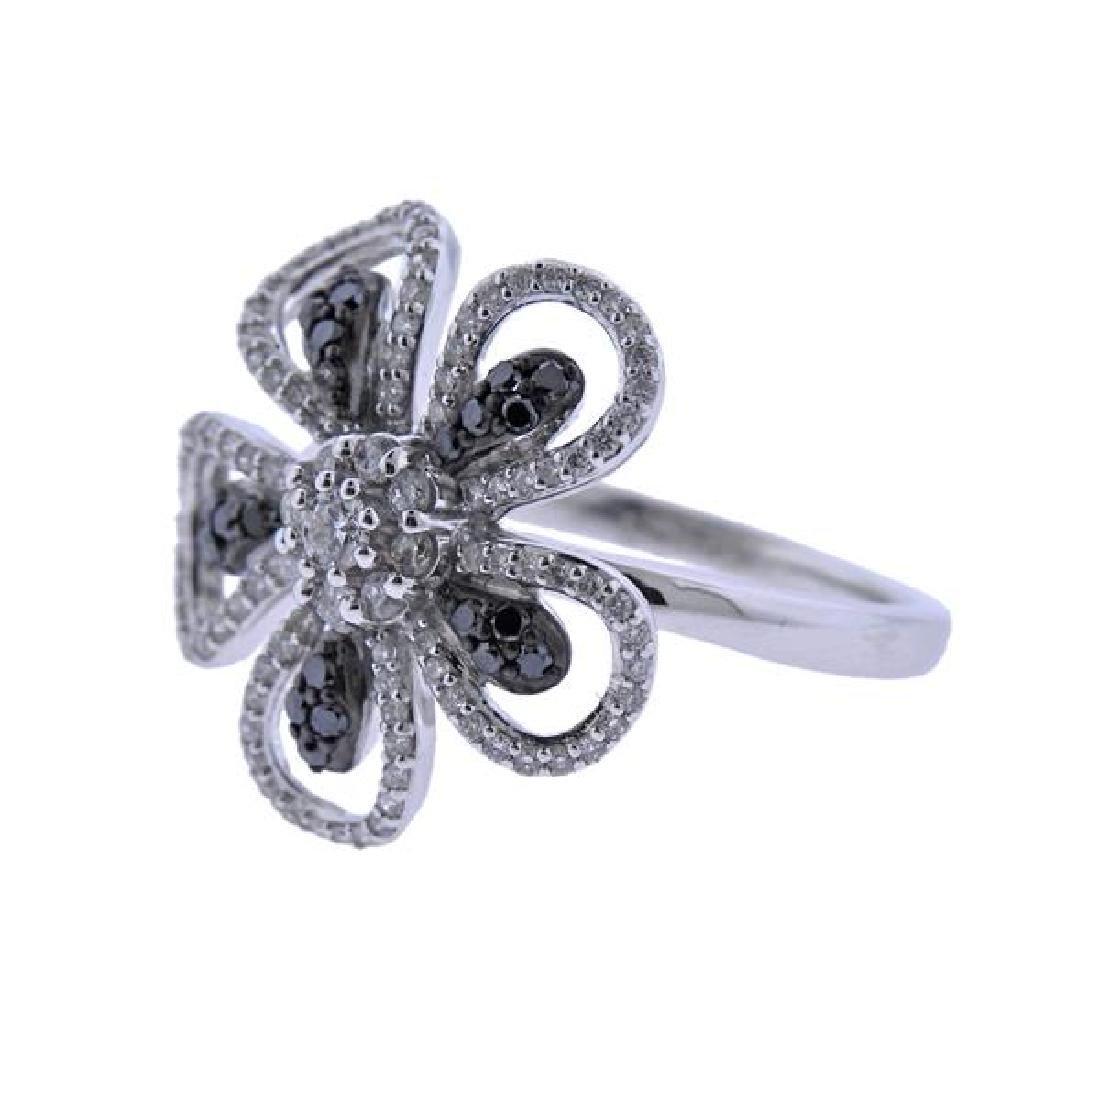 14K Gold White Black Diamond Flower Ring - 2